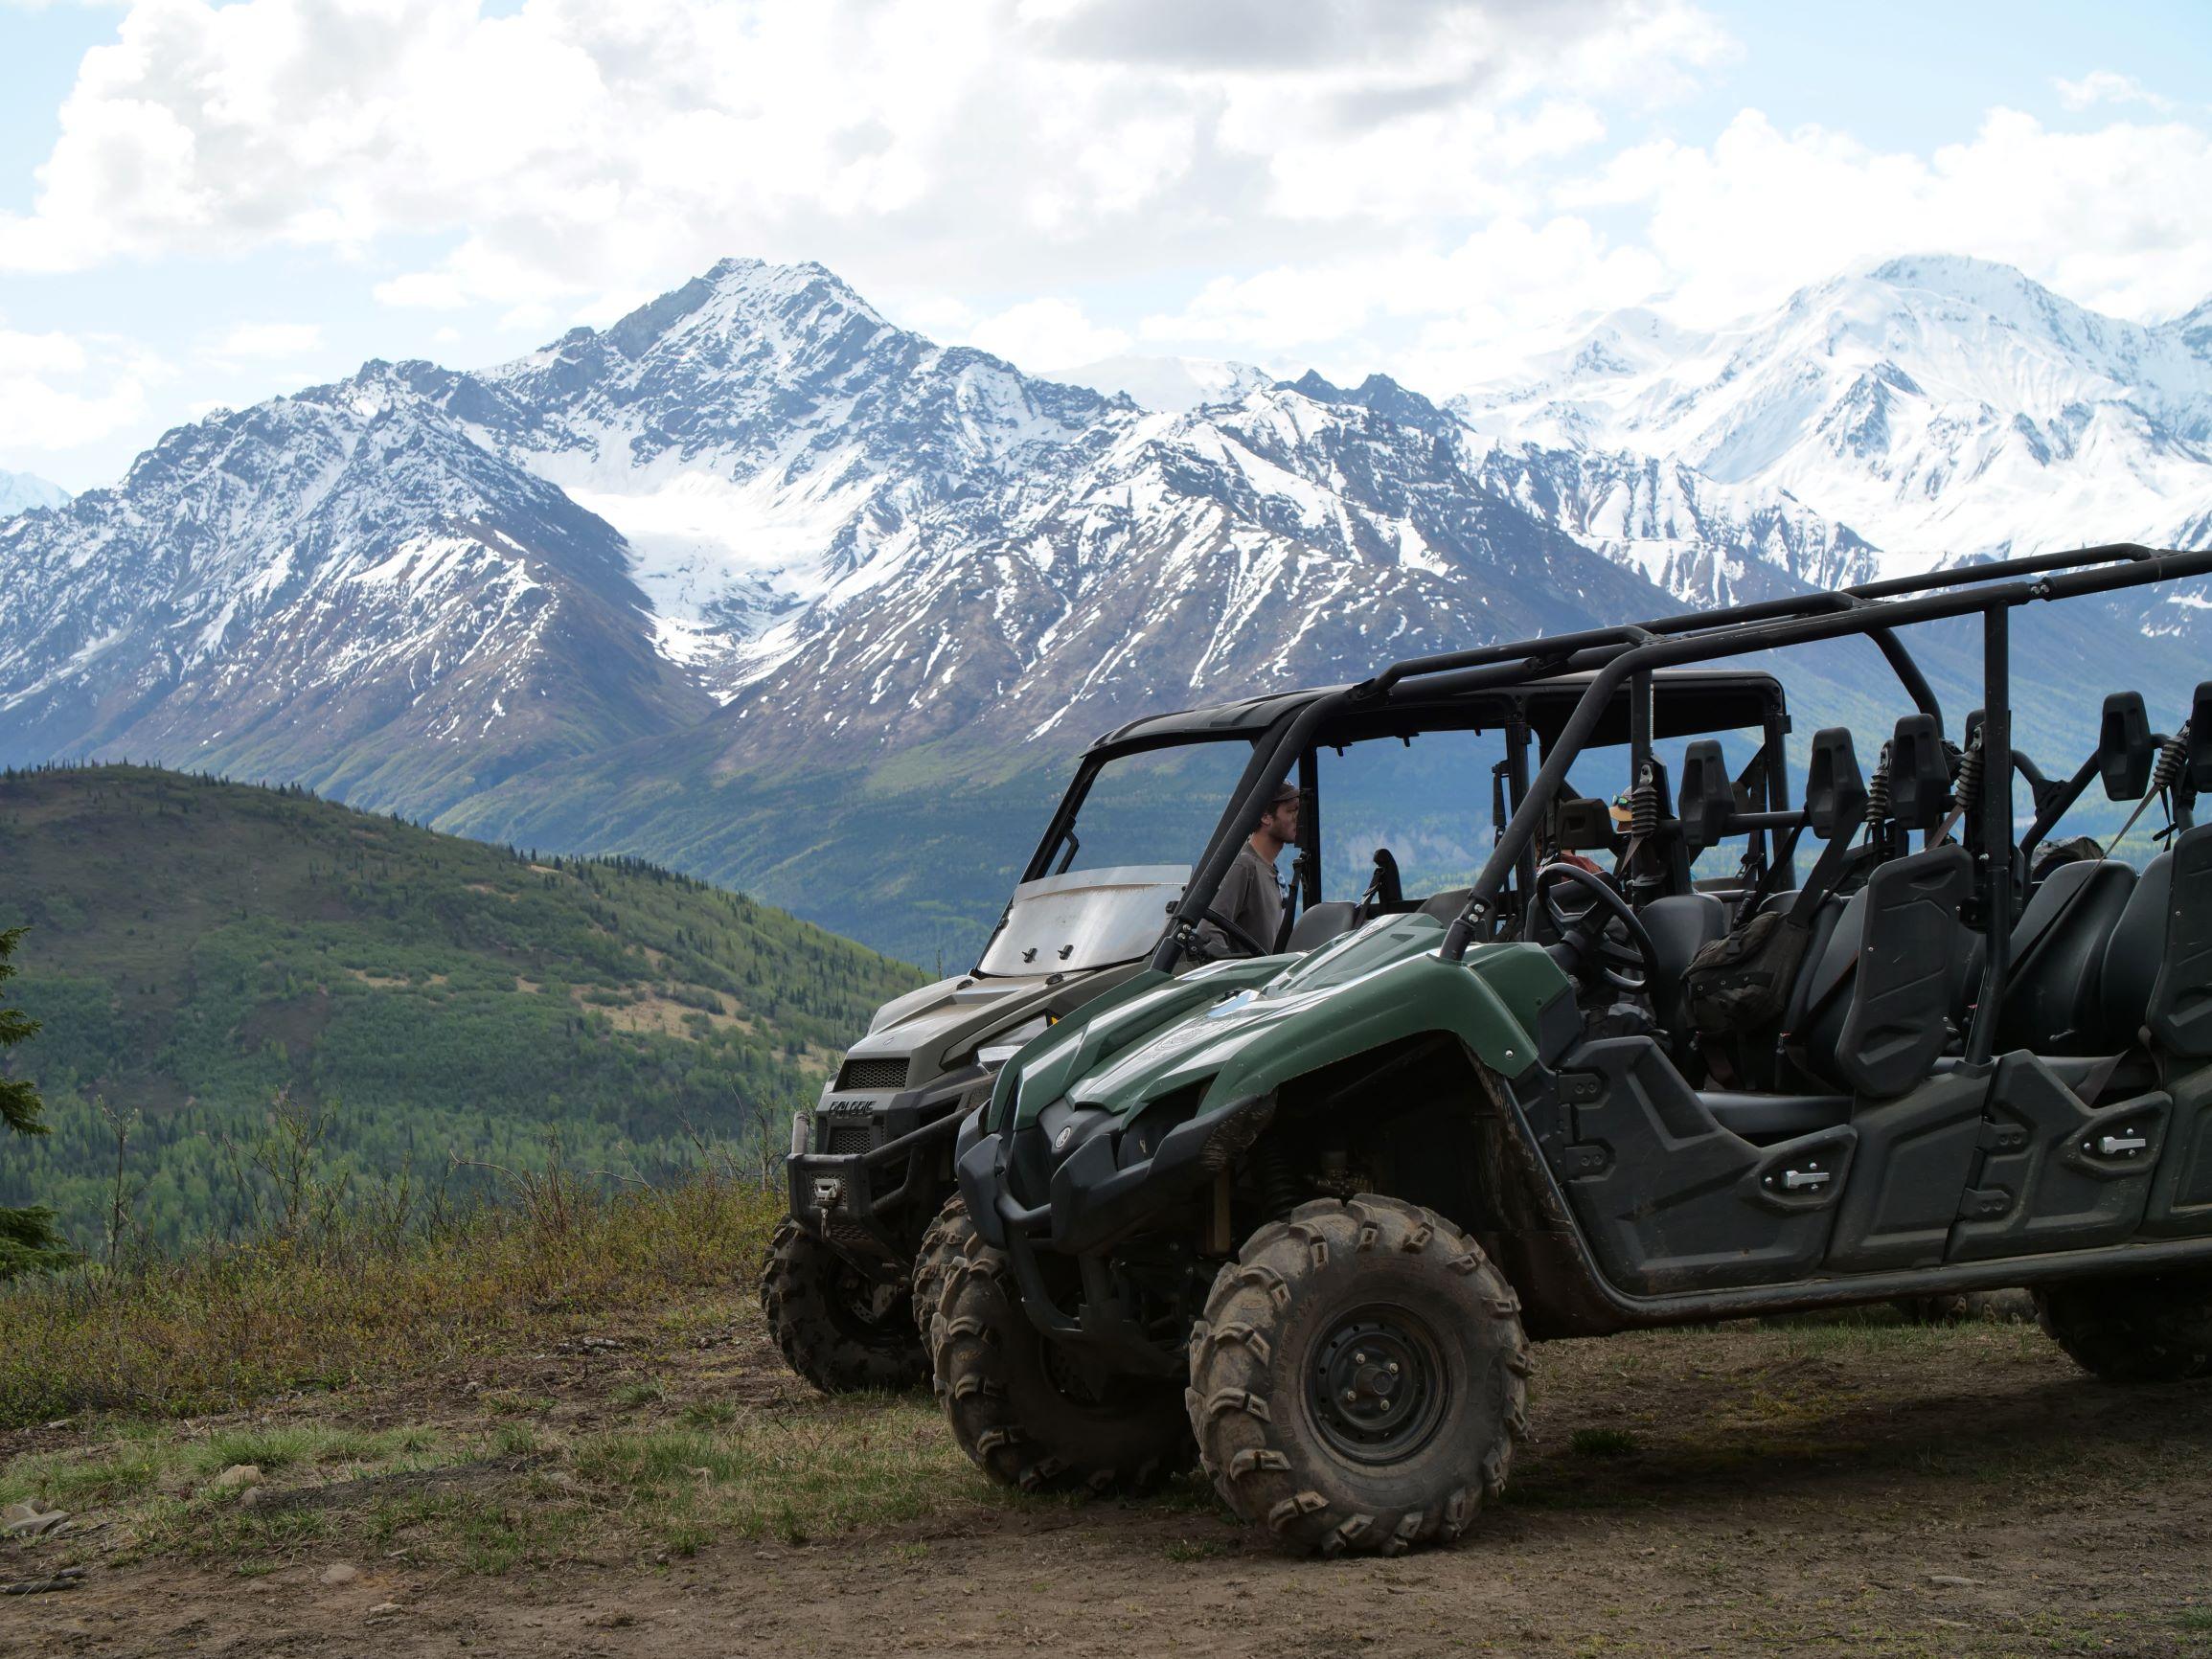 ATVs and Alaskan mountains